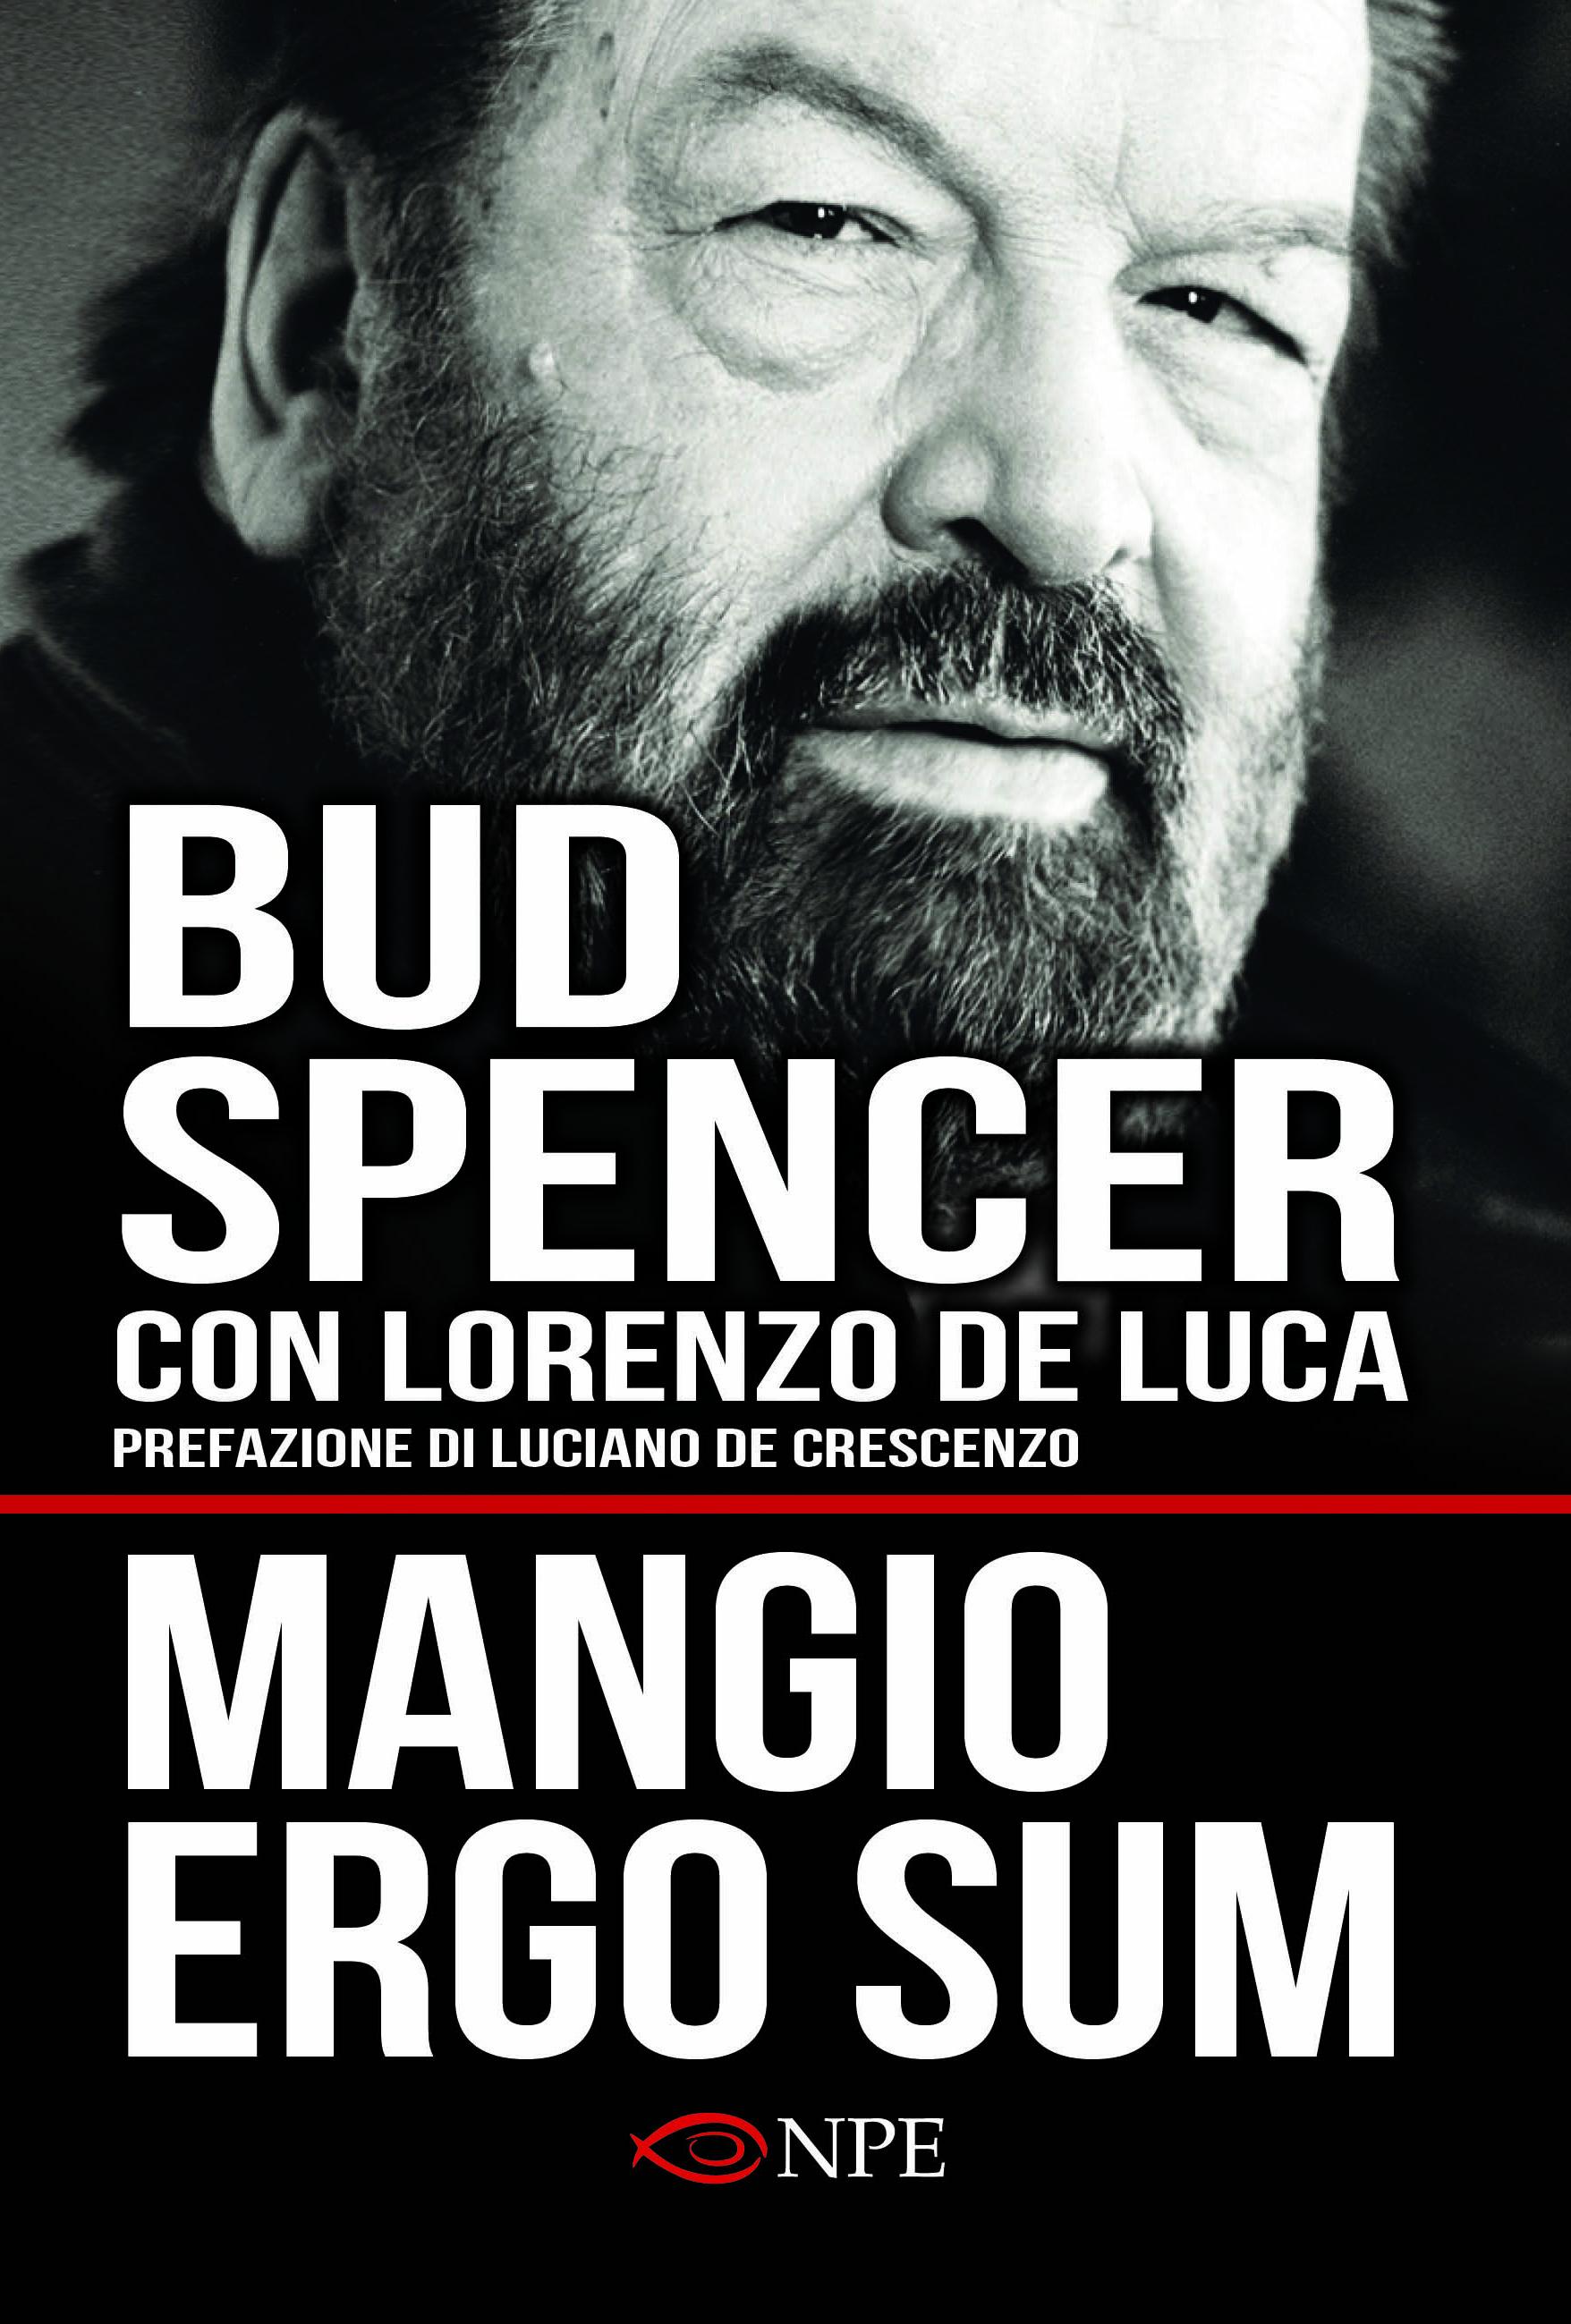 MANGIO ERGO SUM il nuovo libro di Bud Spencer e Lorenzo De Luca